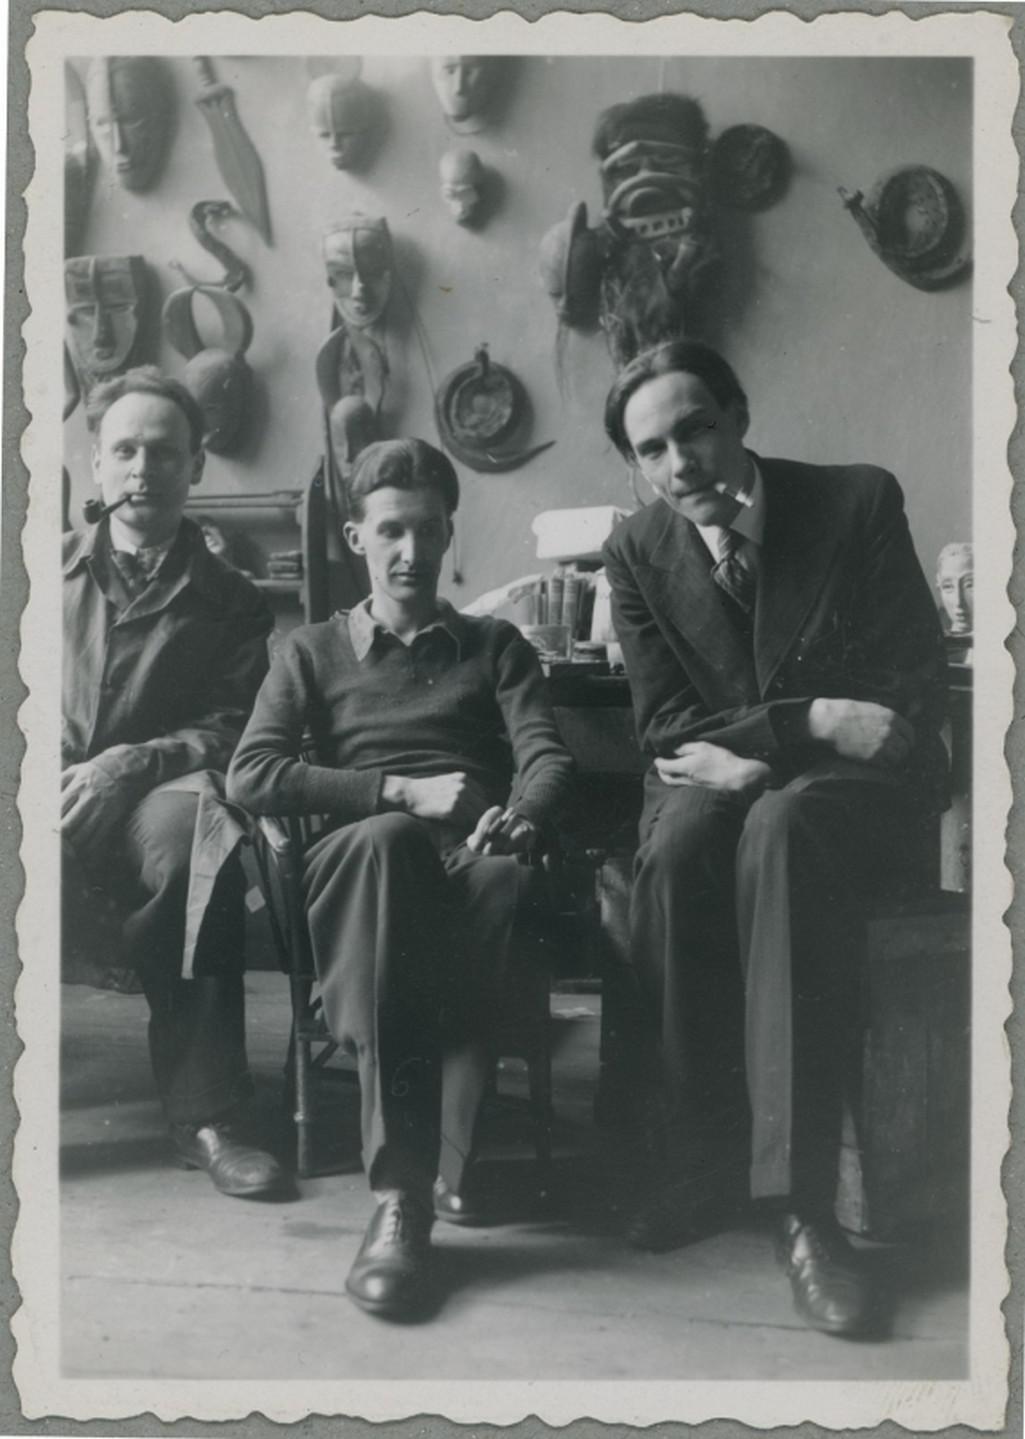 Sochař Alexandr Golovin a básníci Anatolij Steiger a Vladimir Mansvětov (1935)